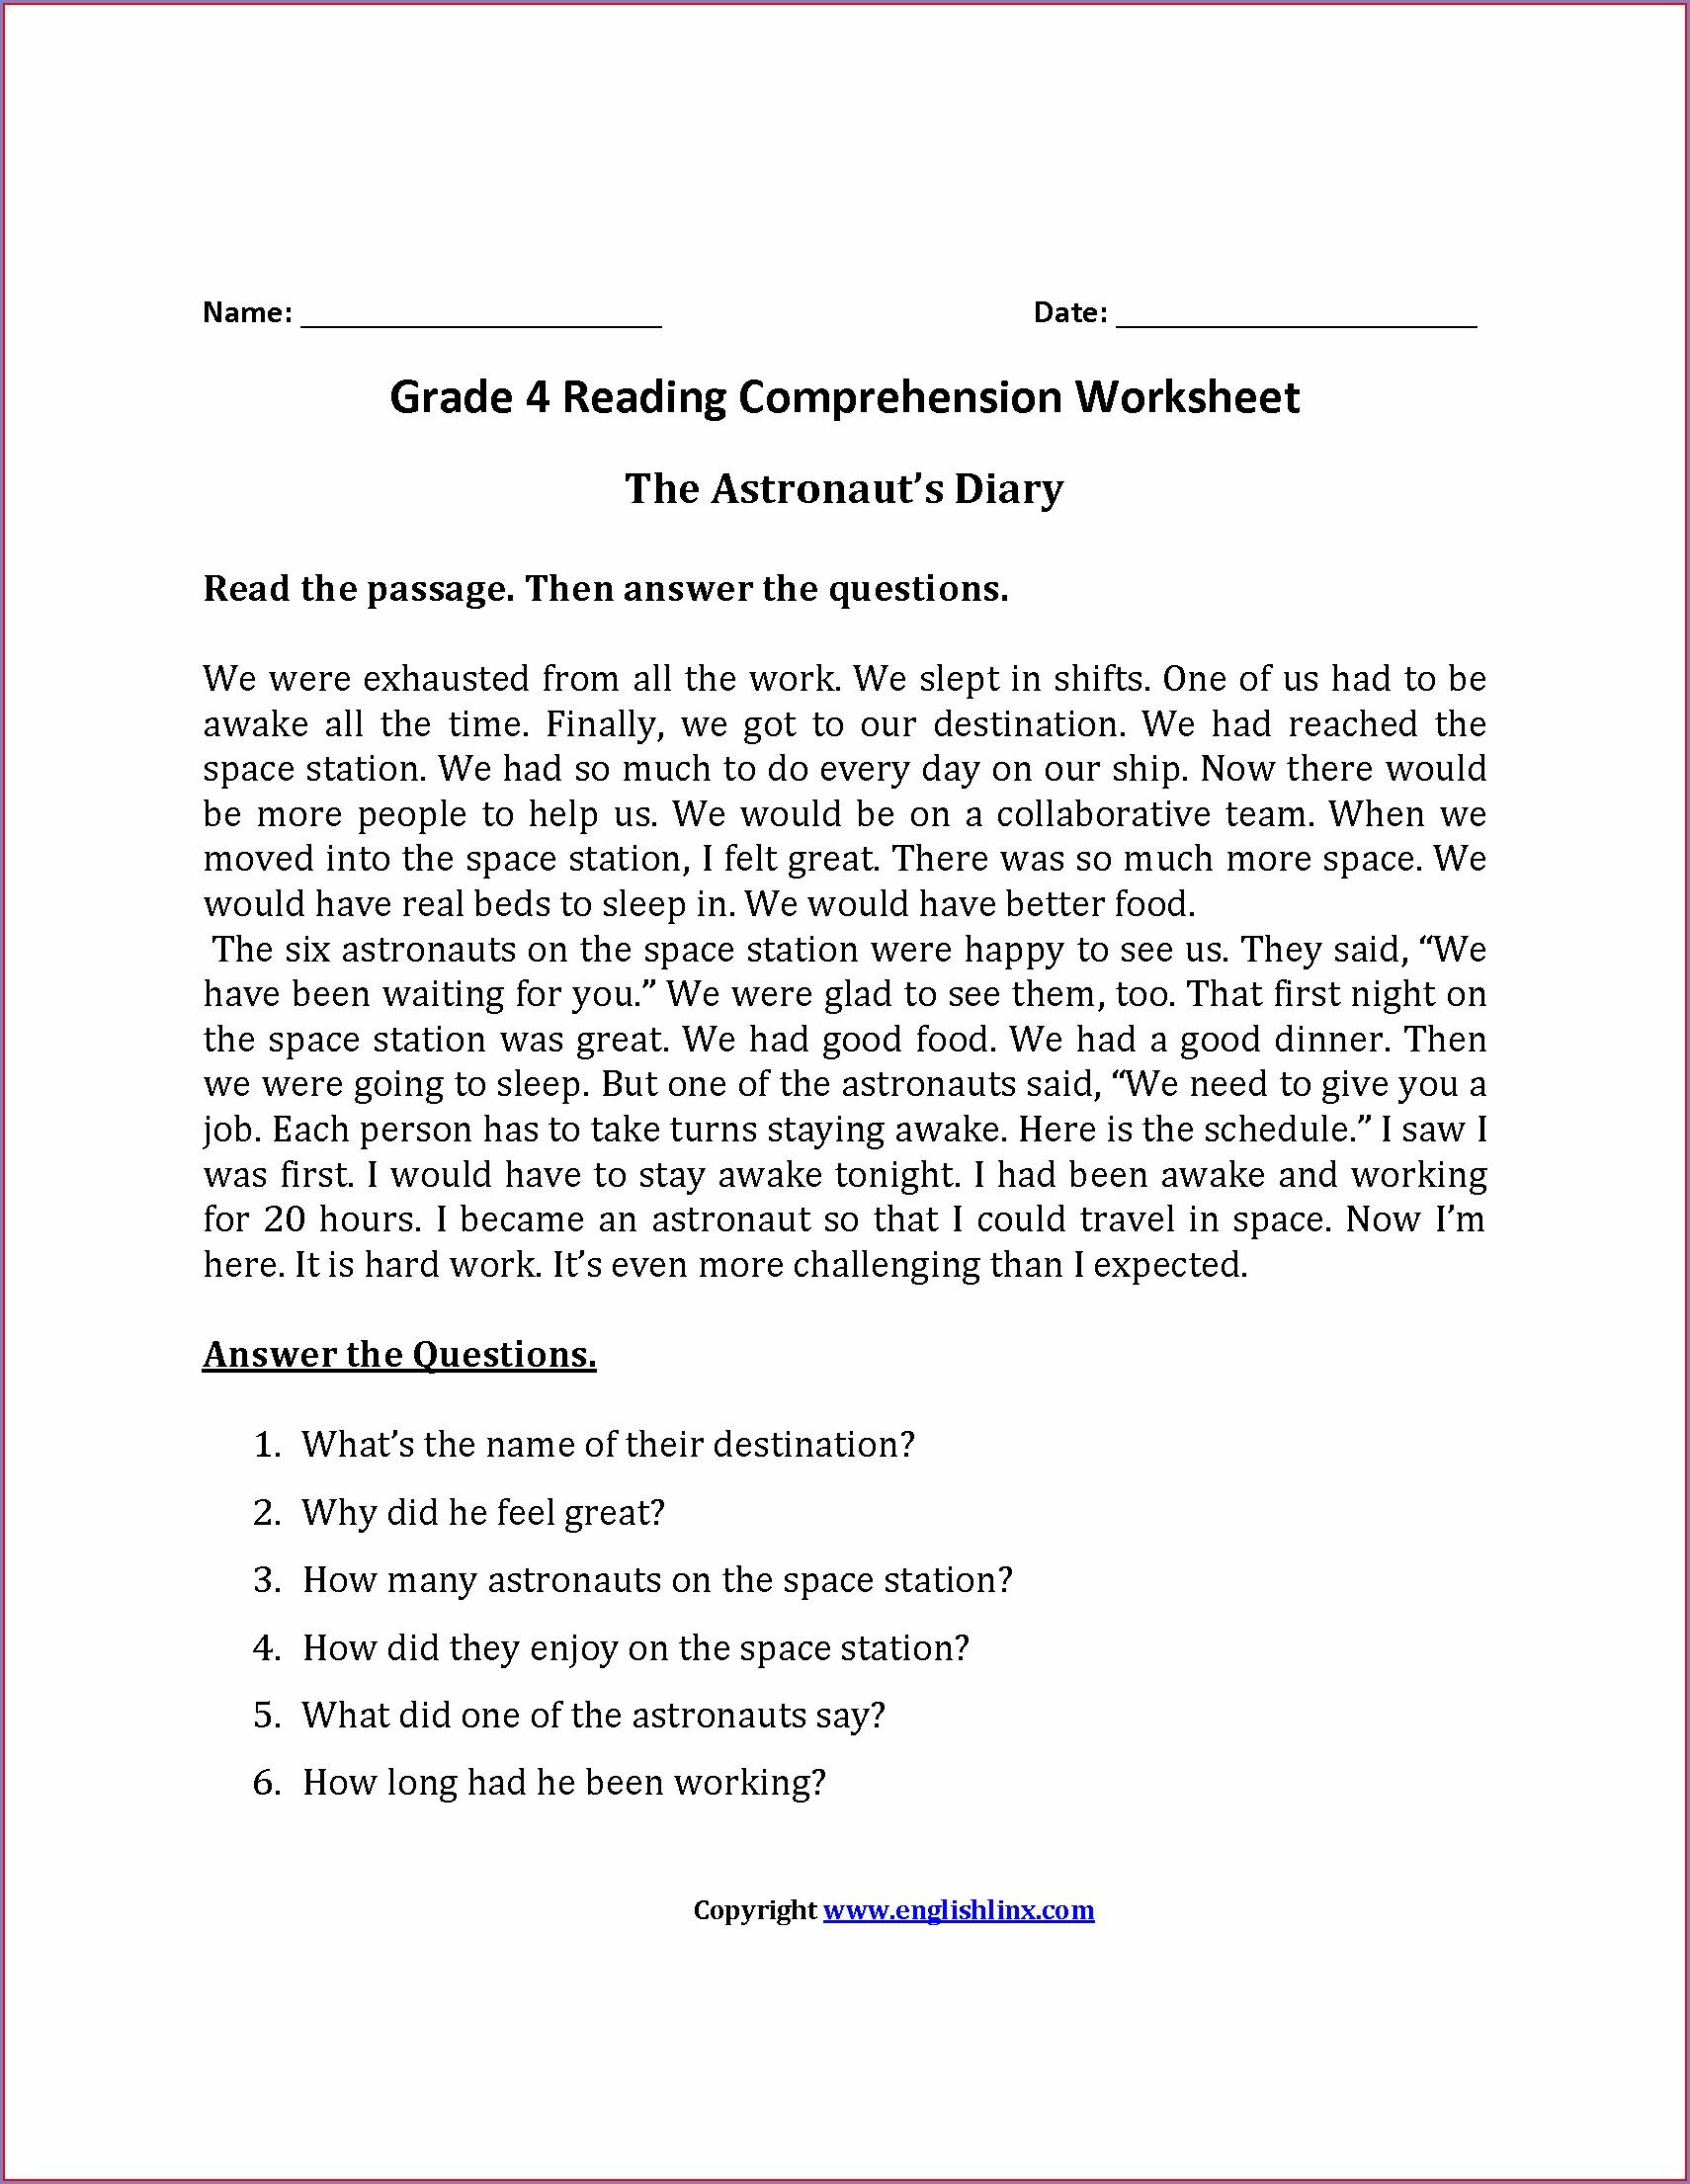 Reading Comprehension Printable Worksheet For Grade 2